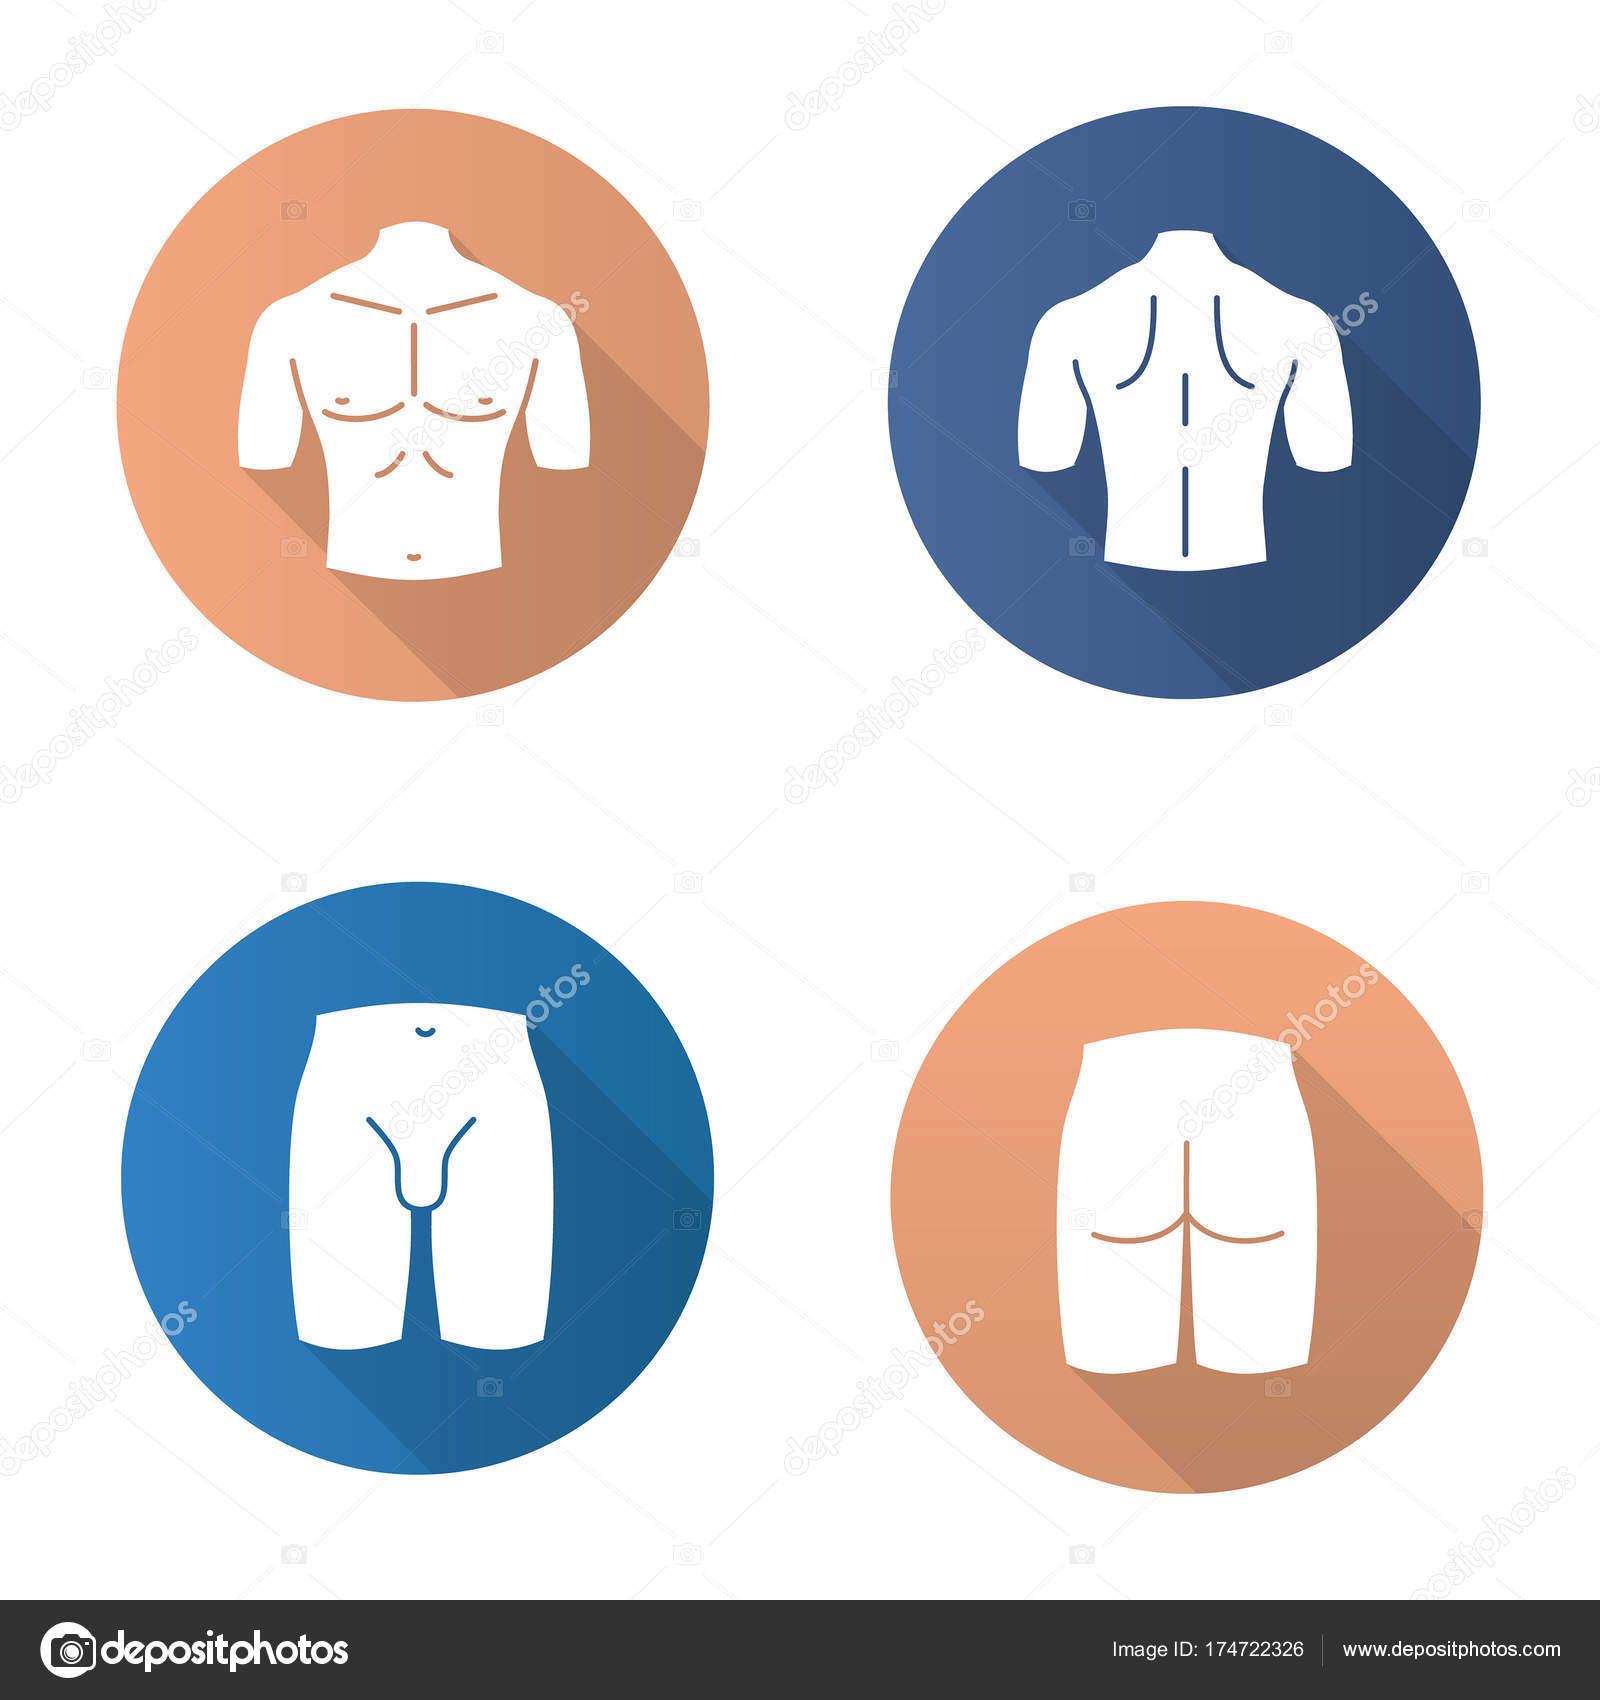 Männliche Körperteile Icons Set — Stockvektor © bsd #174722326